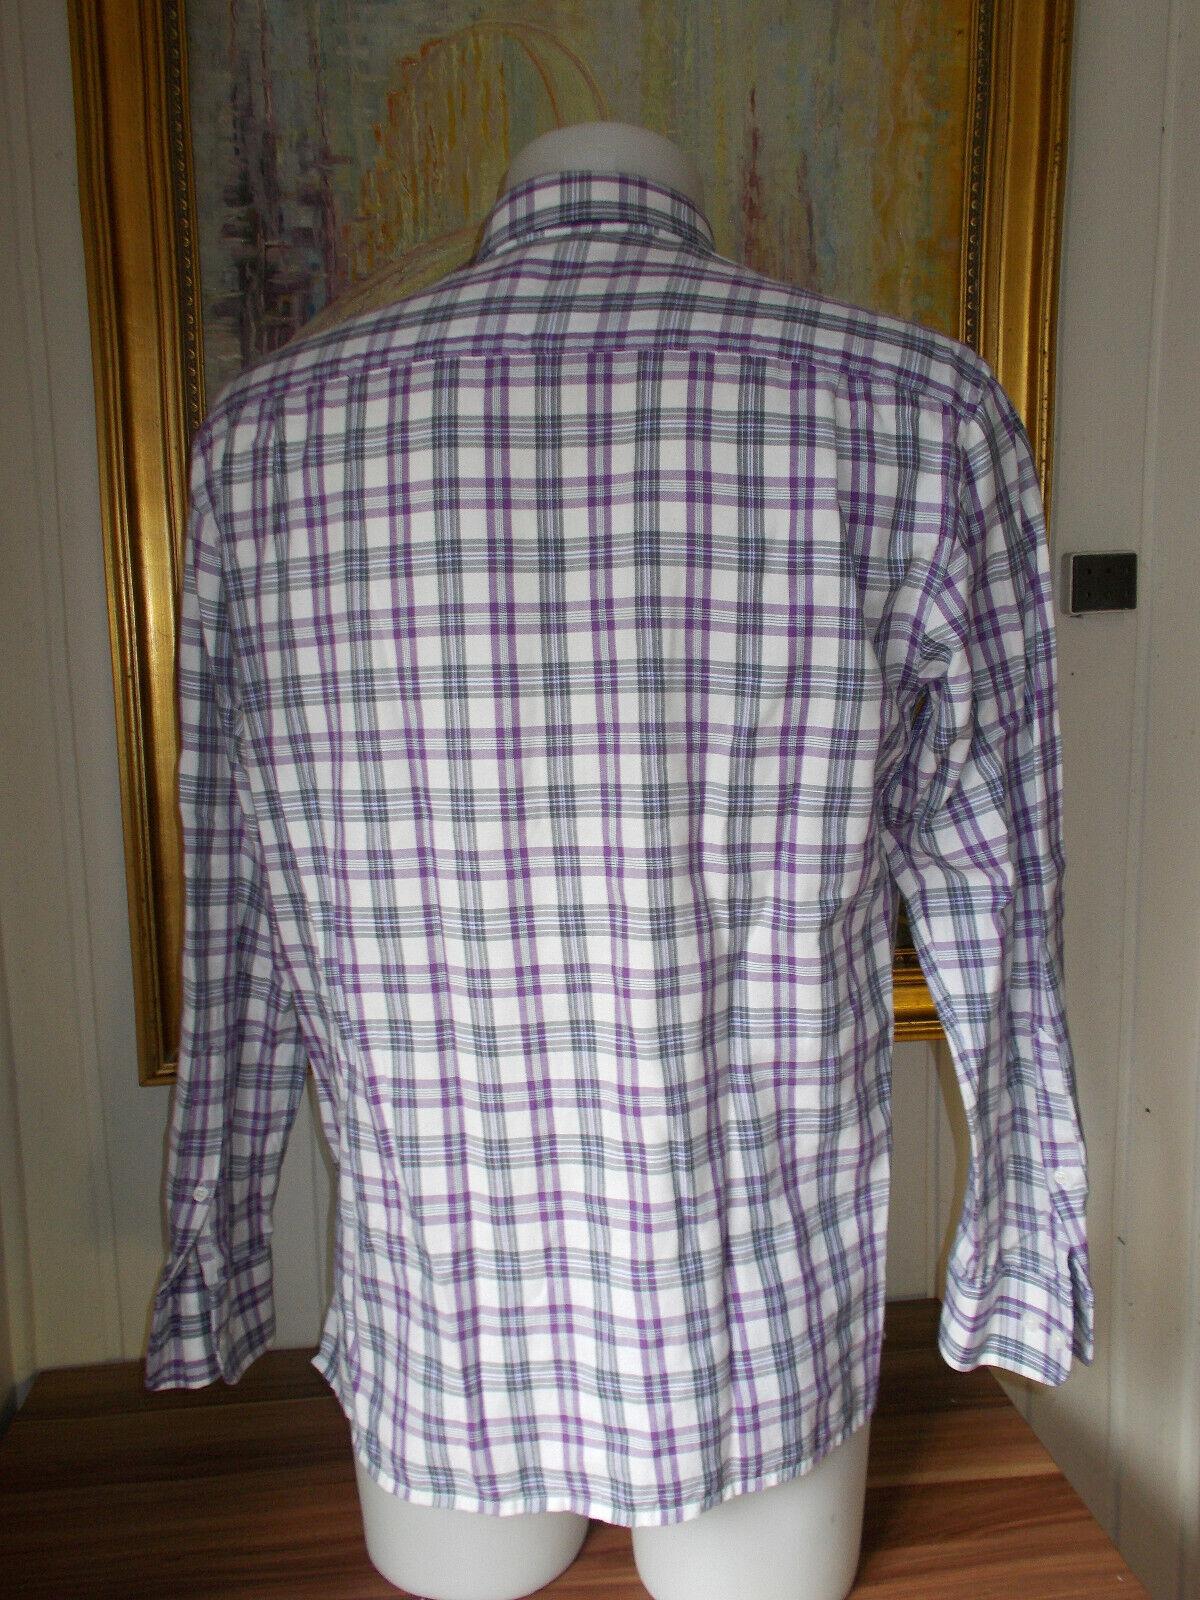 Chemise manches longues ecossais blanc/mauve/gris leger mise au green m 40